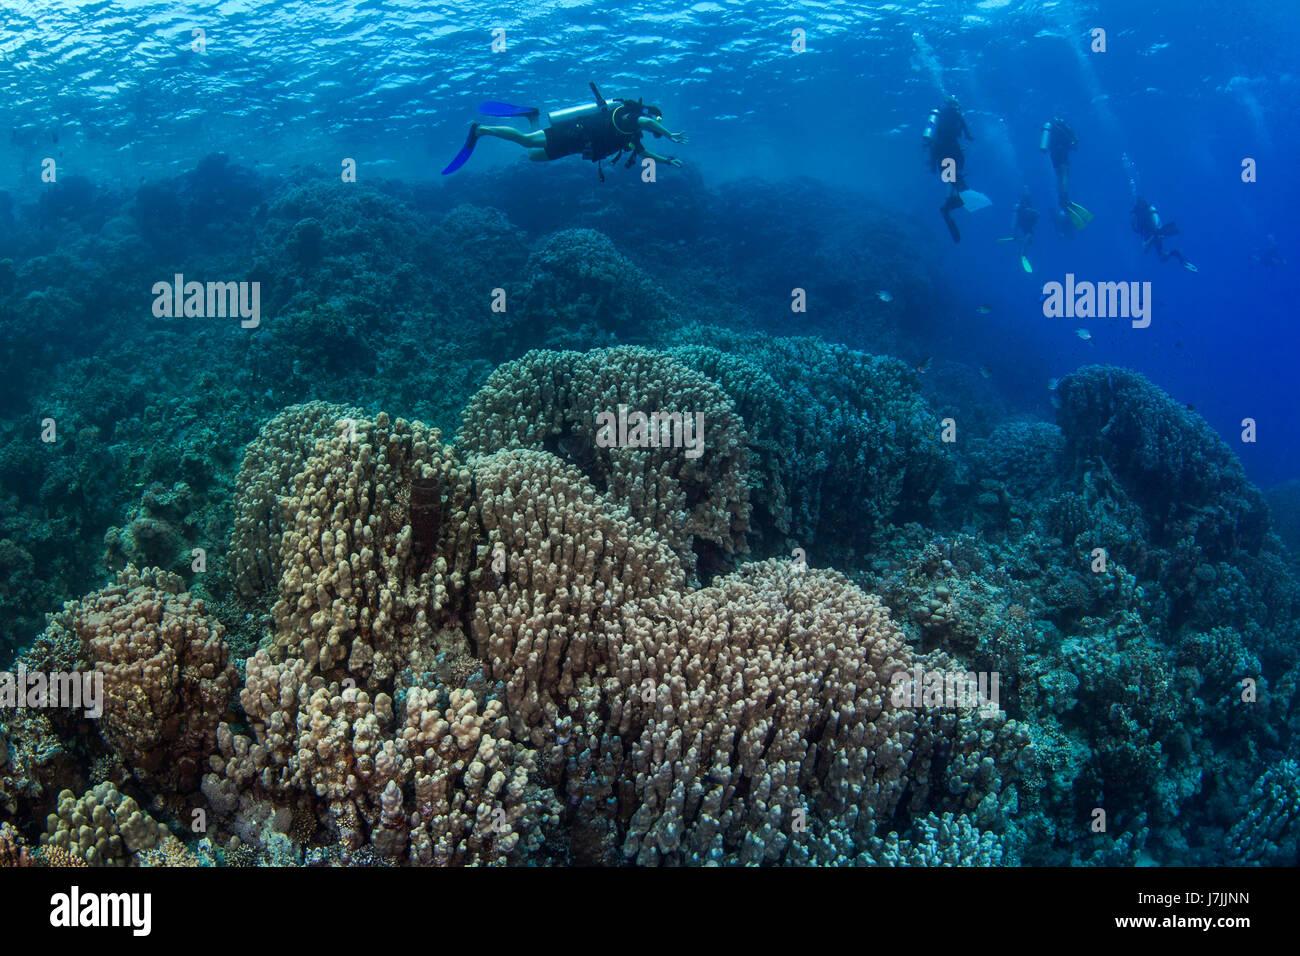 Los buzos Explorar disco arrecifes de coral en el Mar Rojo, frente a la costa de Egipto. Foto de stock